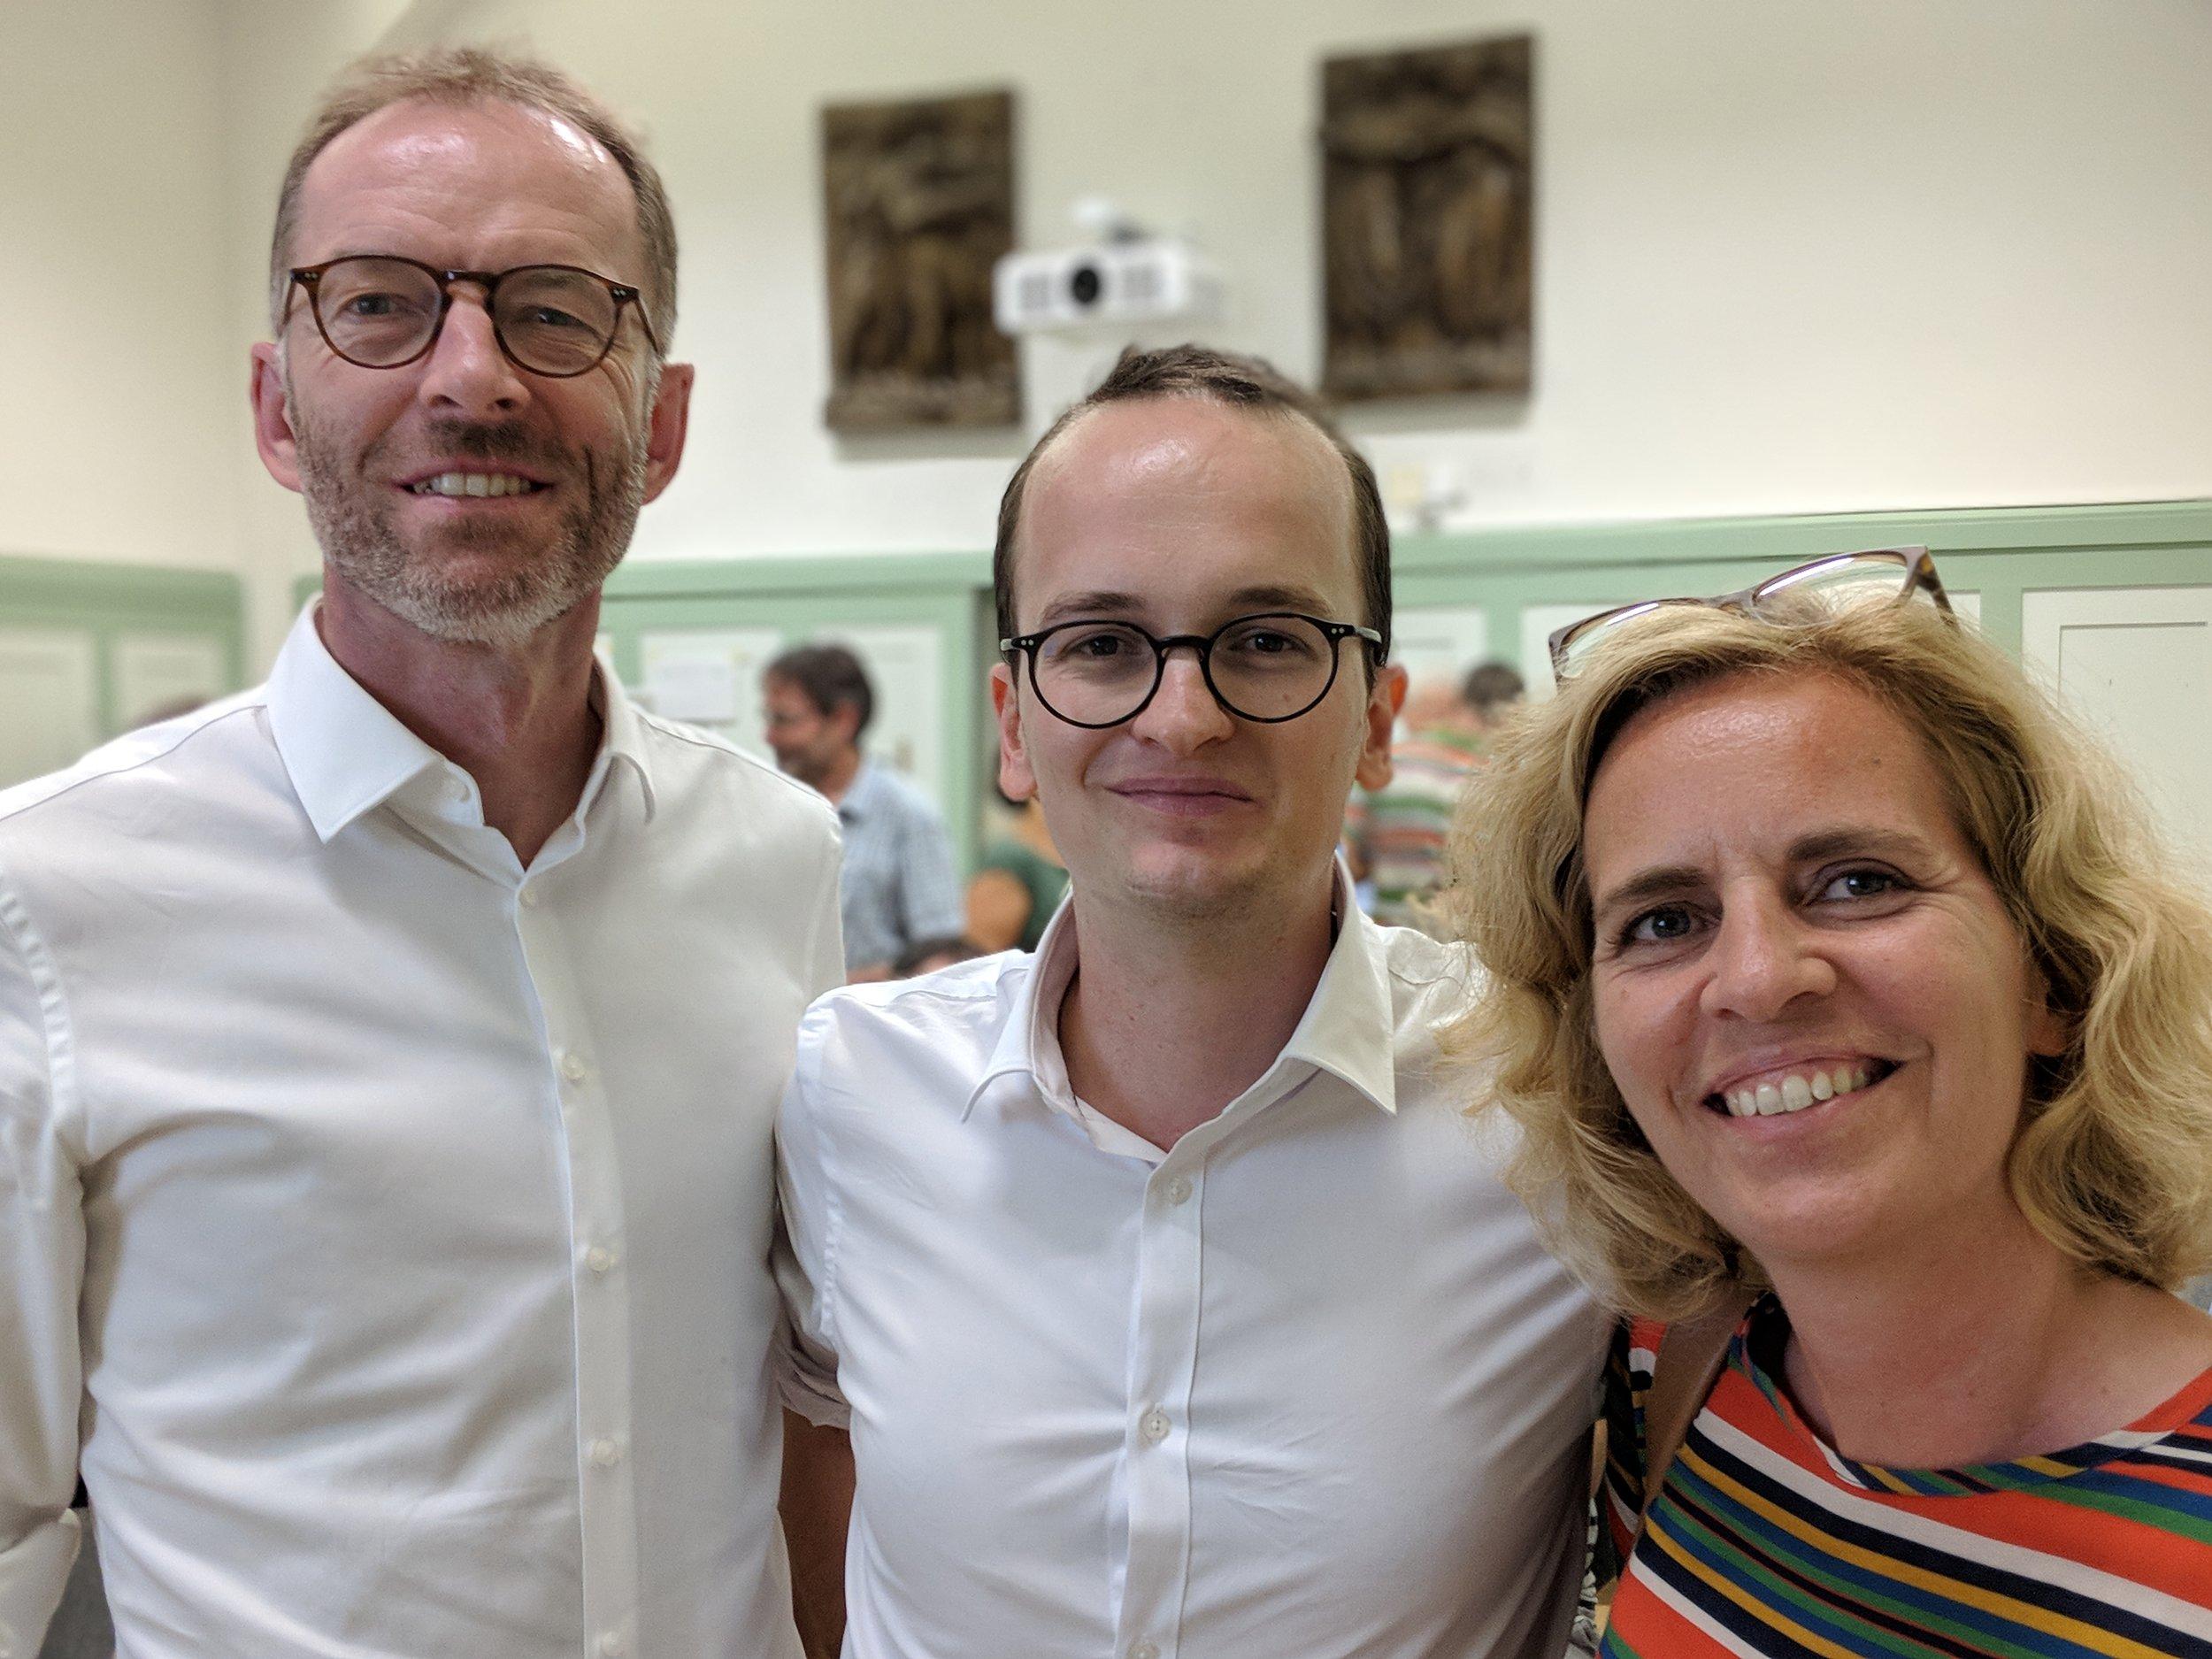 Nomination, 23.08.2018, Bild: Balthasar Glättli